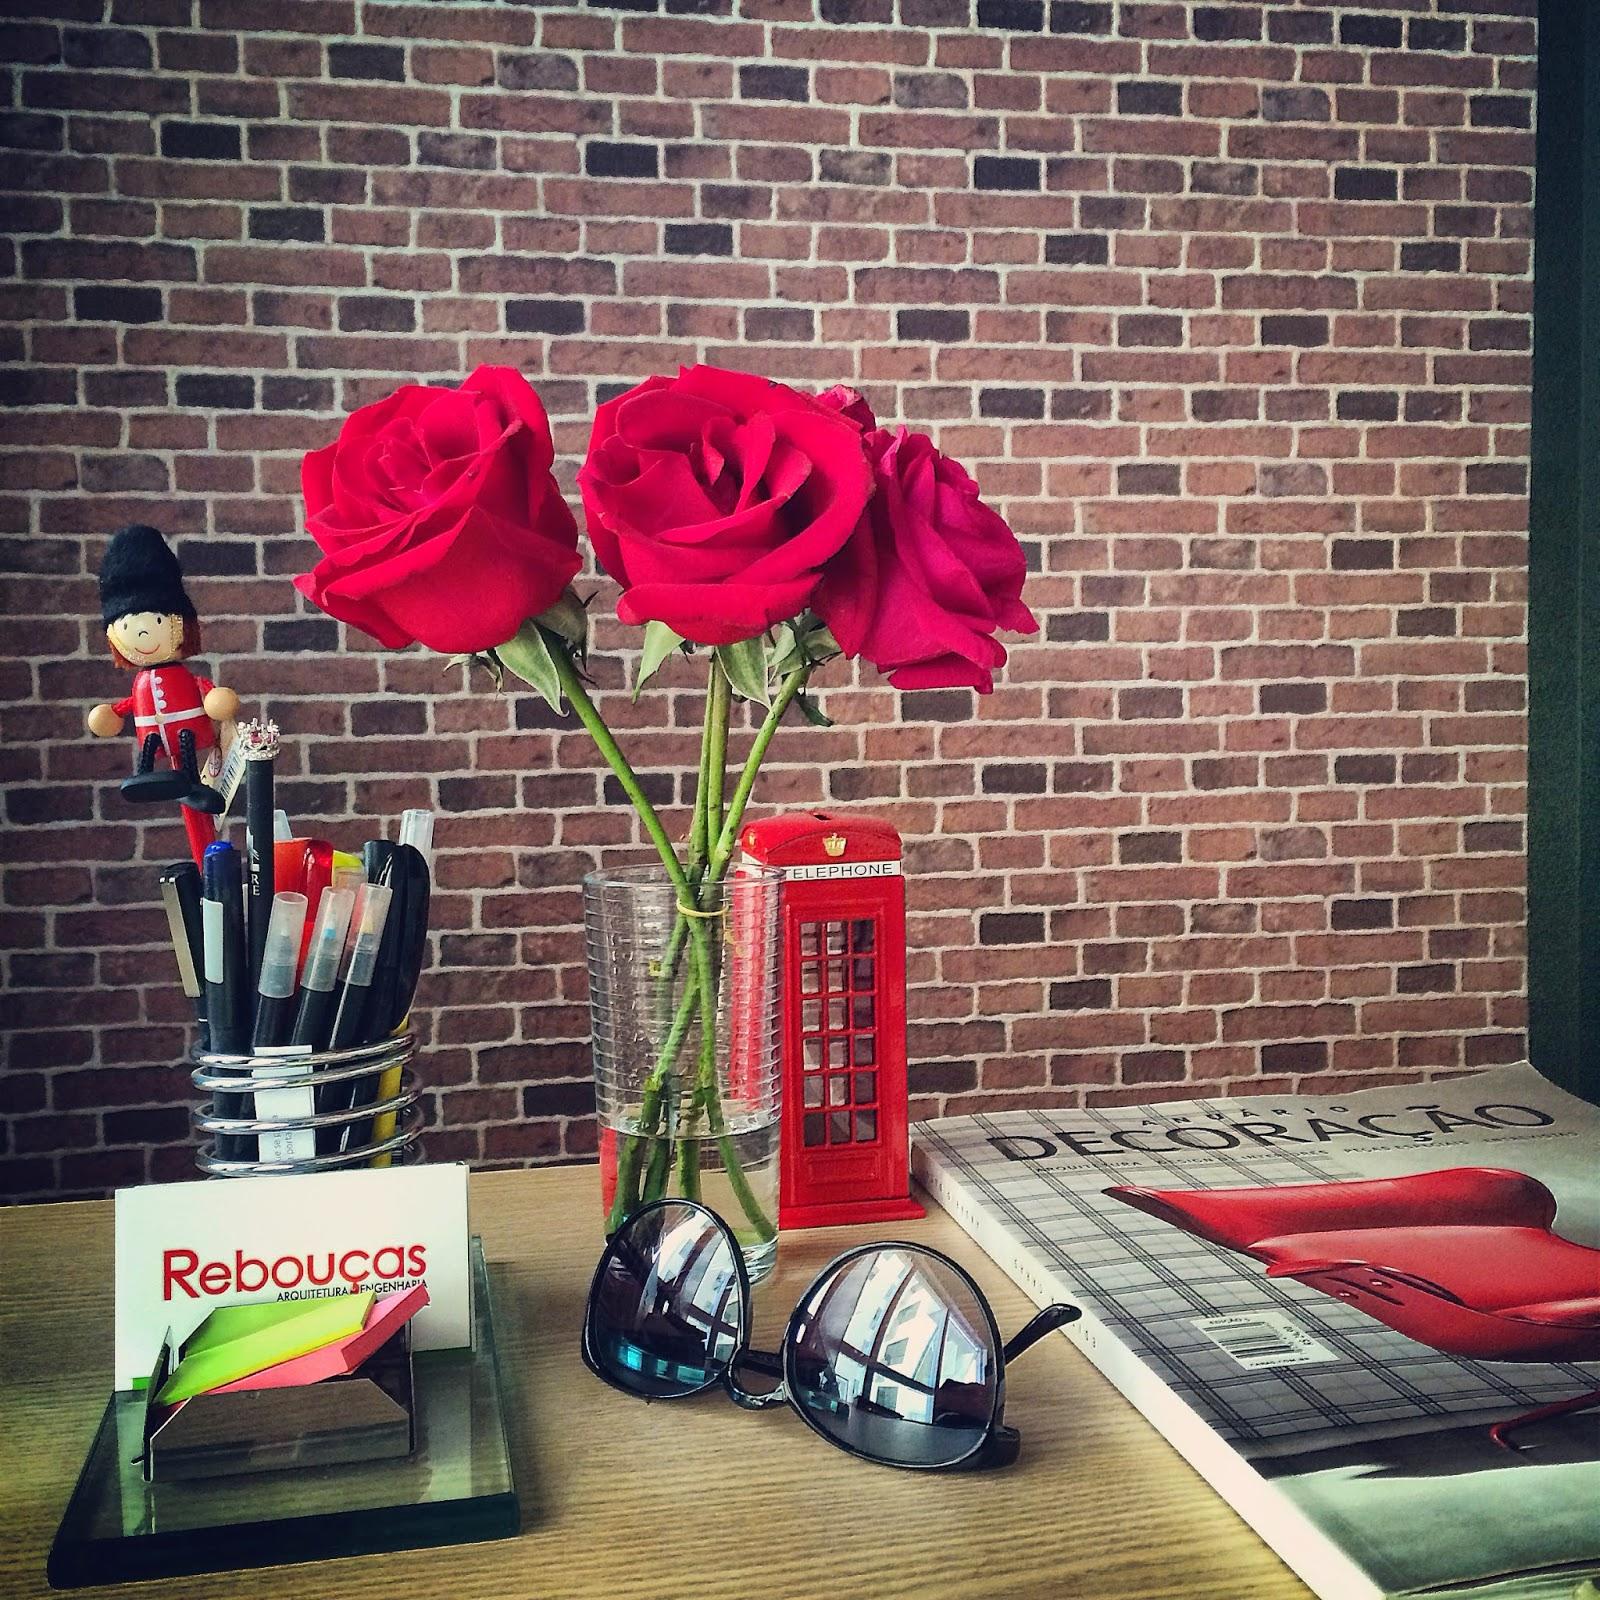 http://instagram.com/reboucas_arqeng